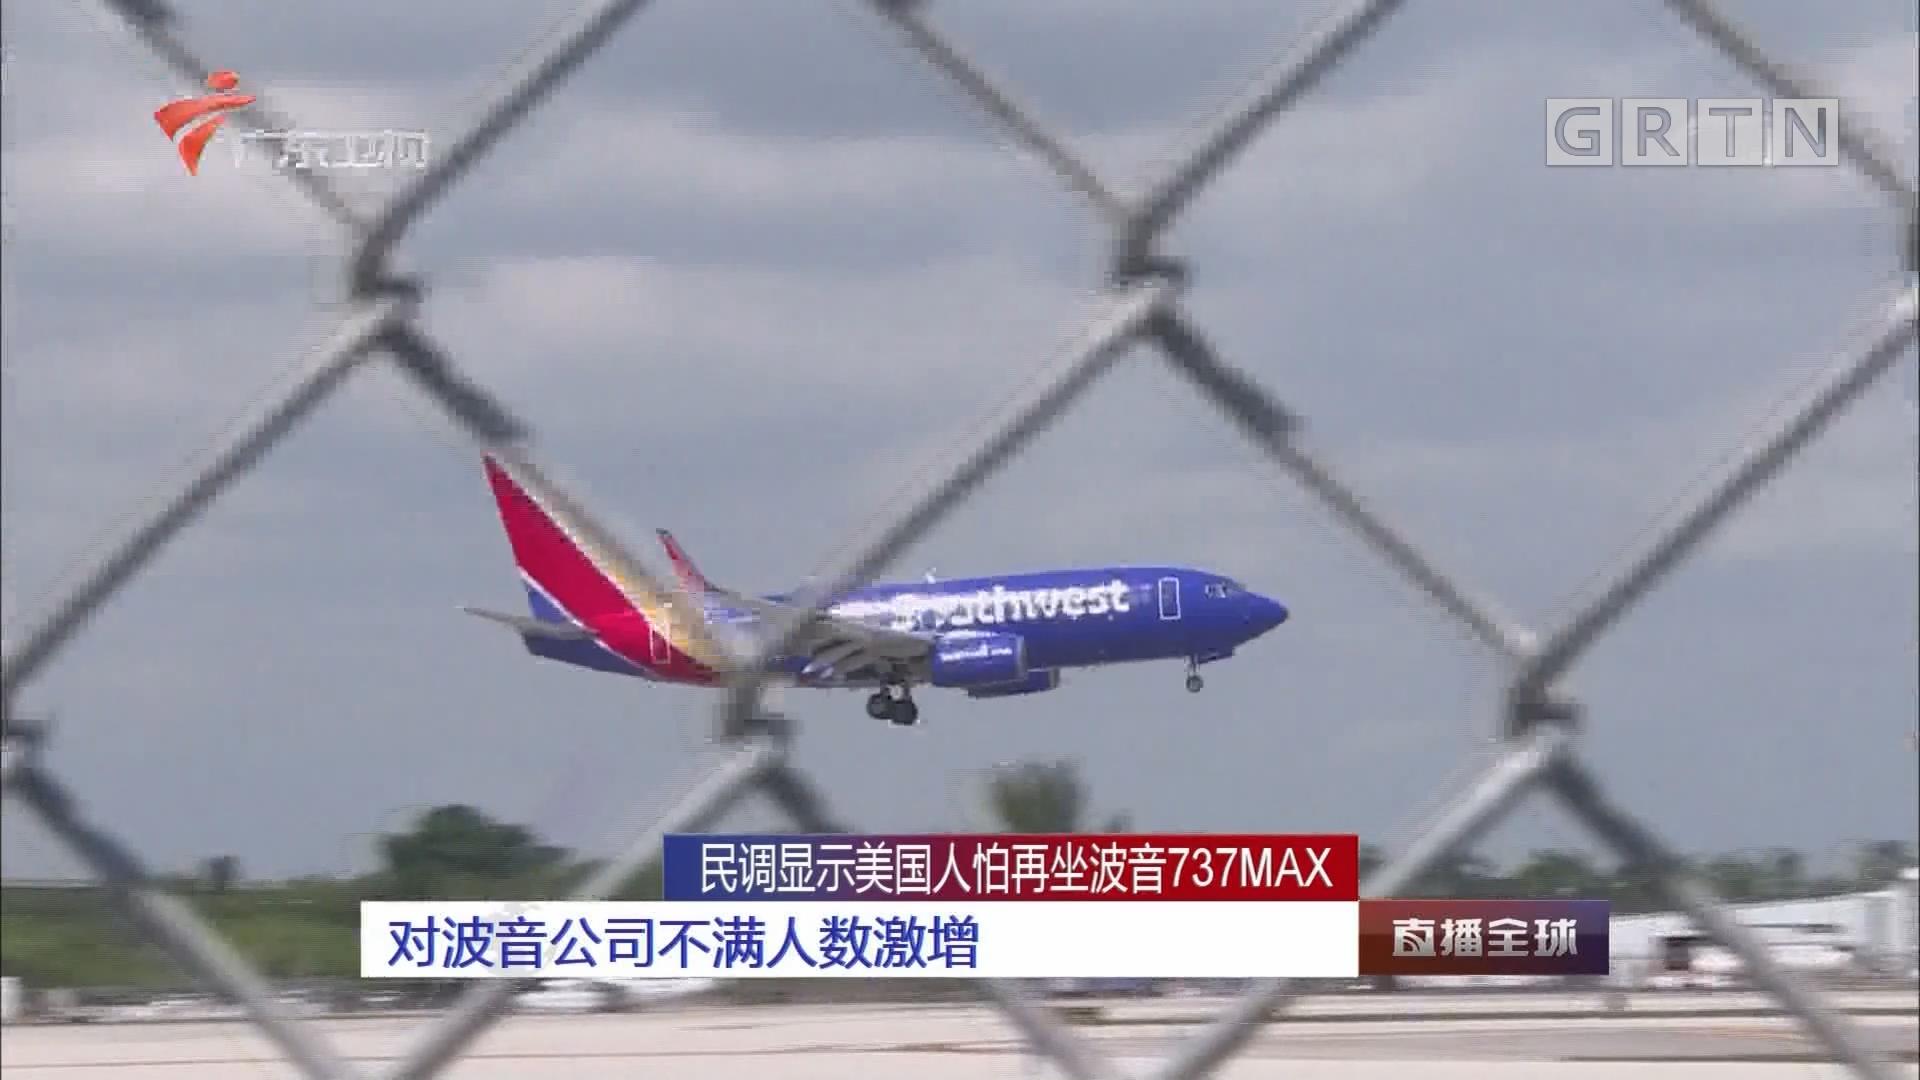 民调显示美国人怕再坐波音737MAX:对波音公司不满人数激增